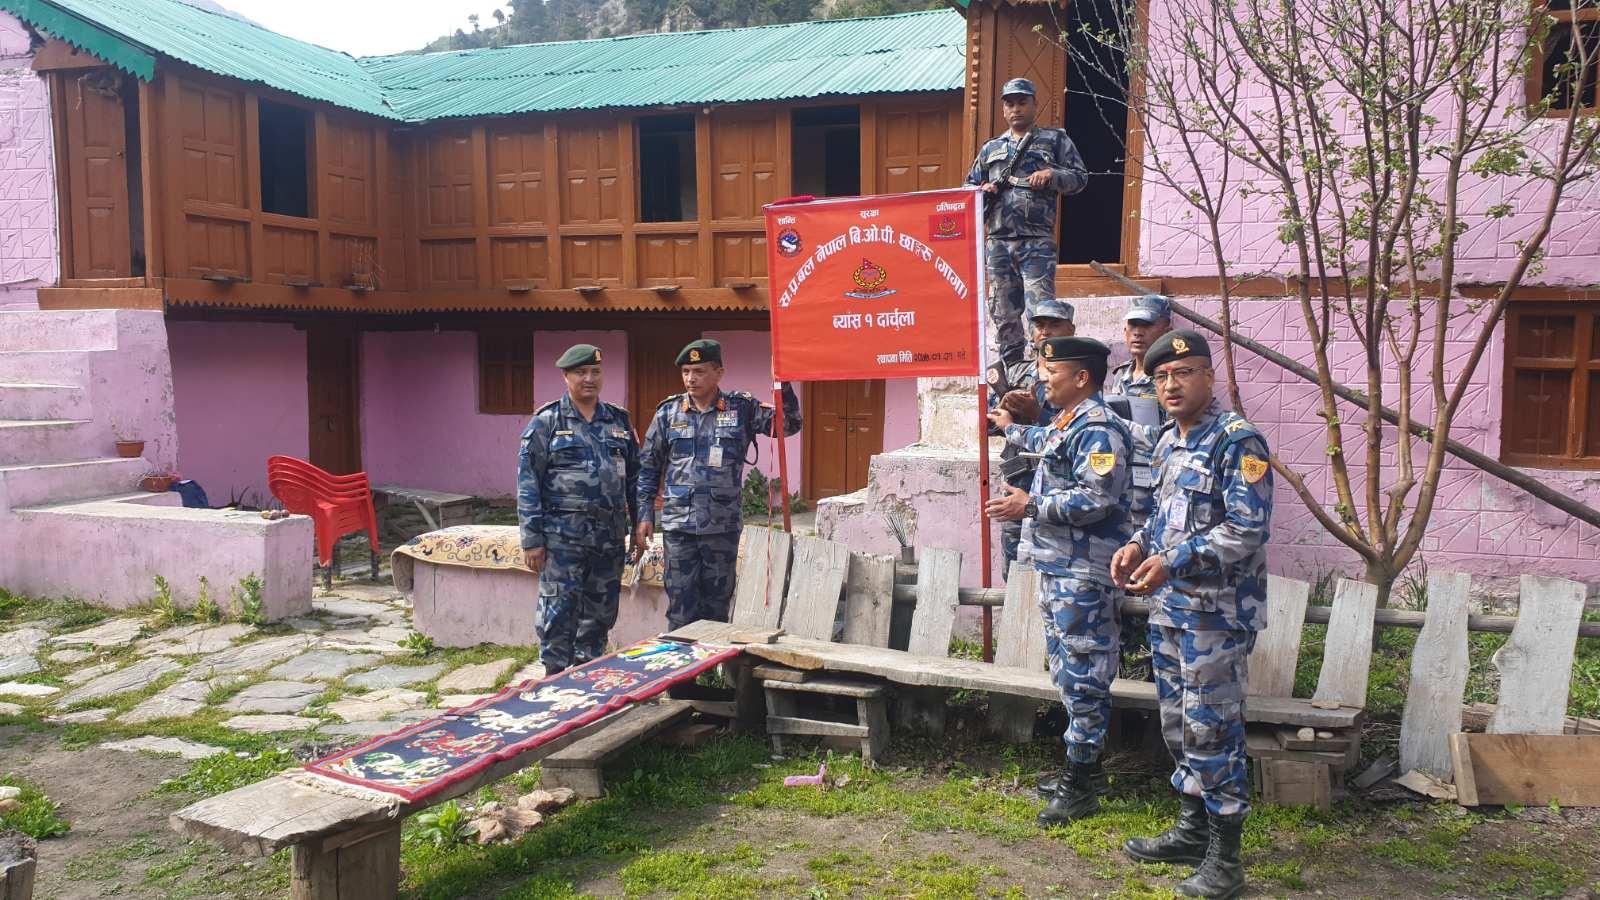 कालापानी क्षेत्रको सीमा सुरक्षाका लागि सशस्त्र प्रहरीको बीओपी स्थापना